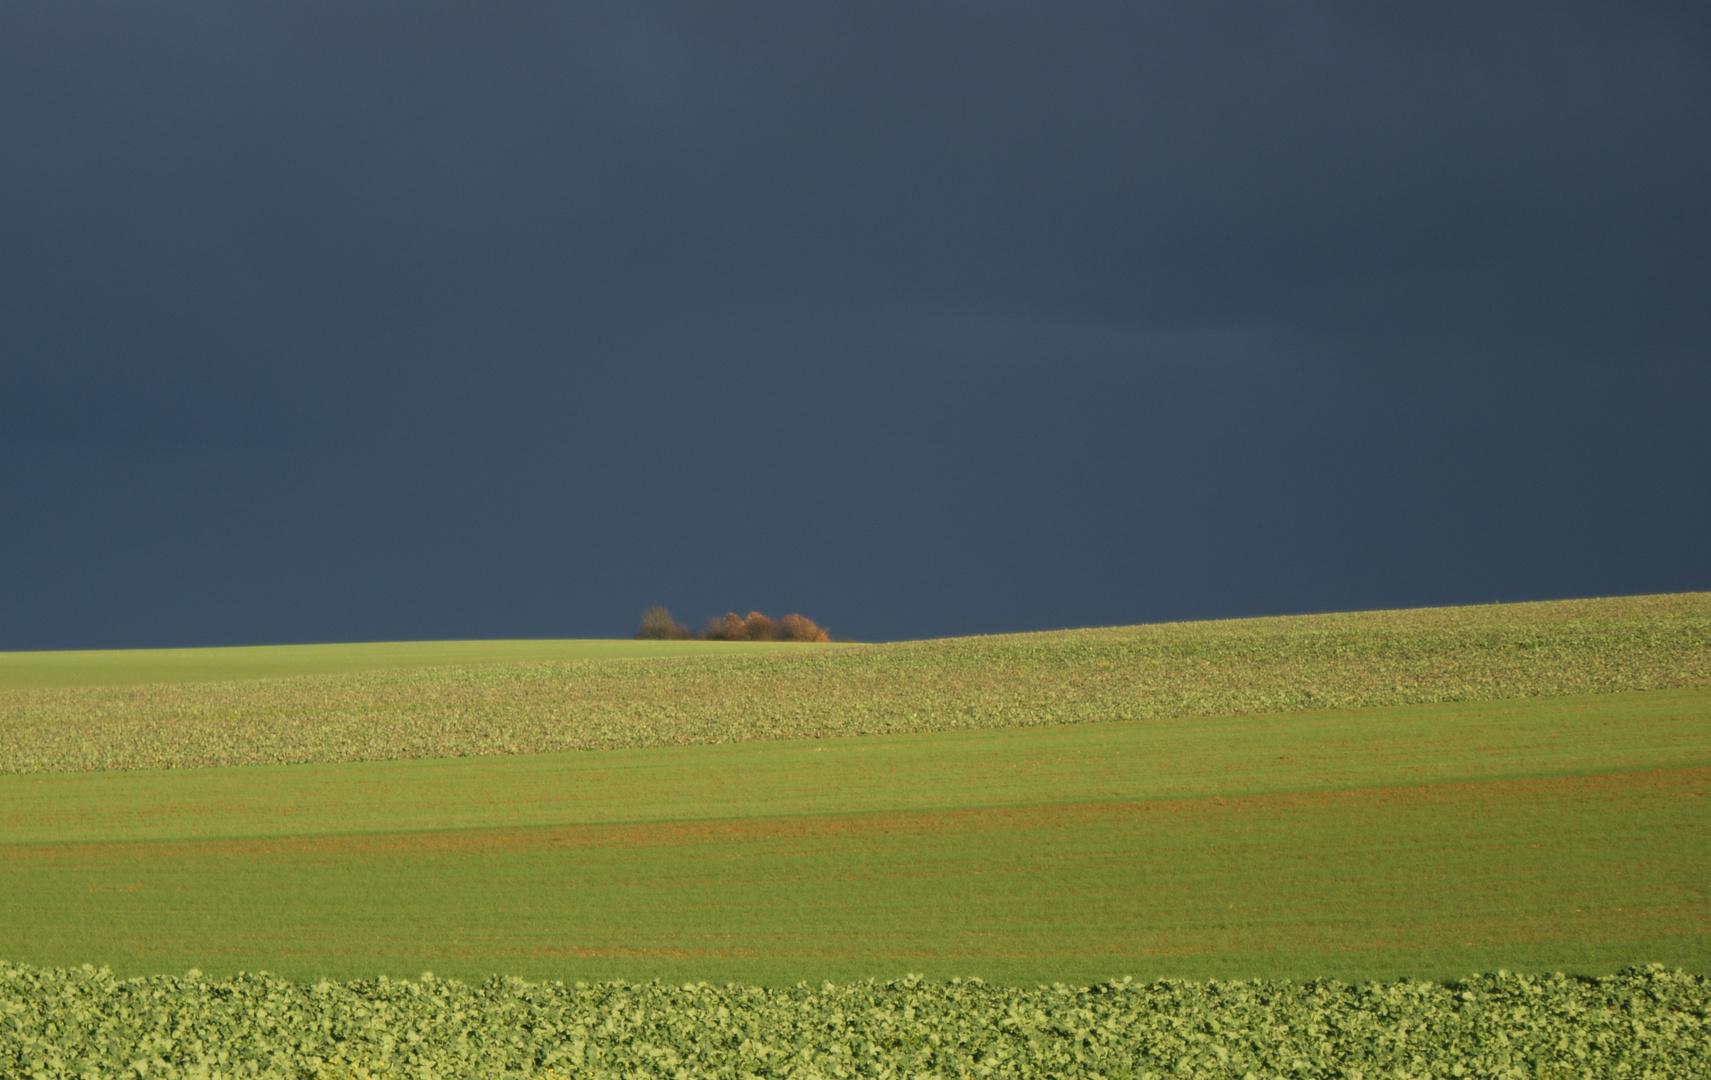 Lumière sur les champs et sombre dans le ciel